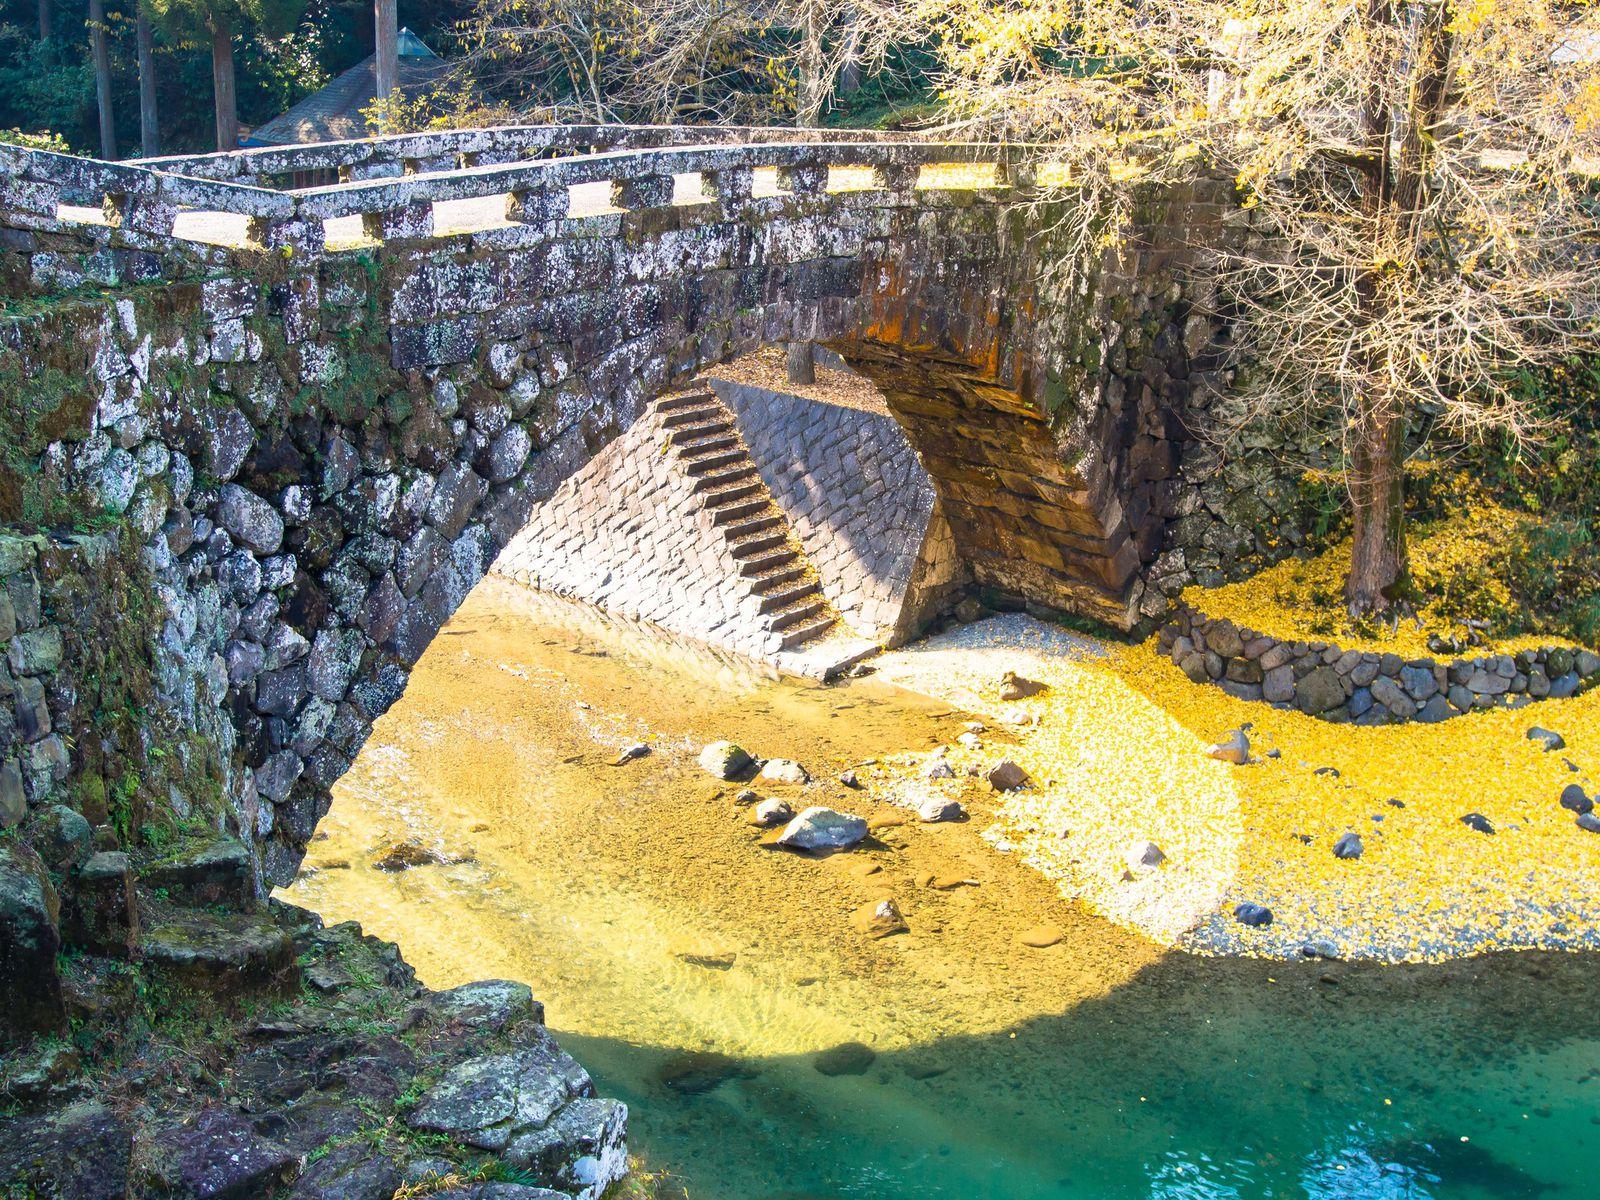 あなたの運命が変わる!熊本の外れなしパワースポットおすすめ15選                当サイト内のおでかけ情報に関してこのまとめ記事の目次